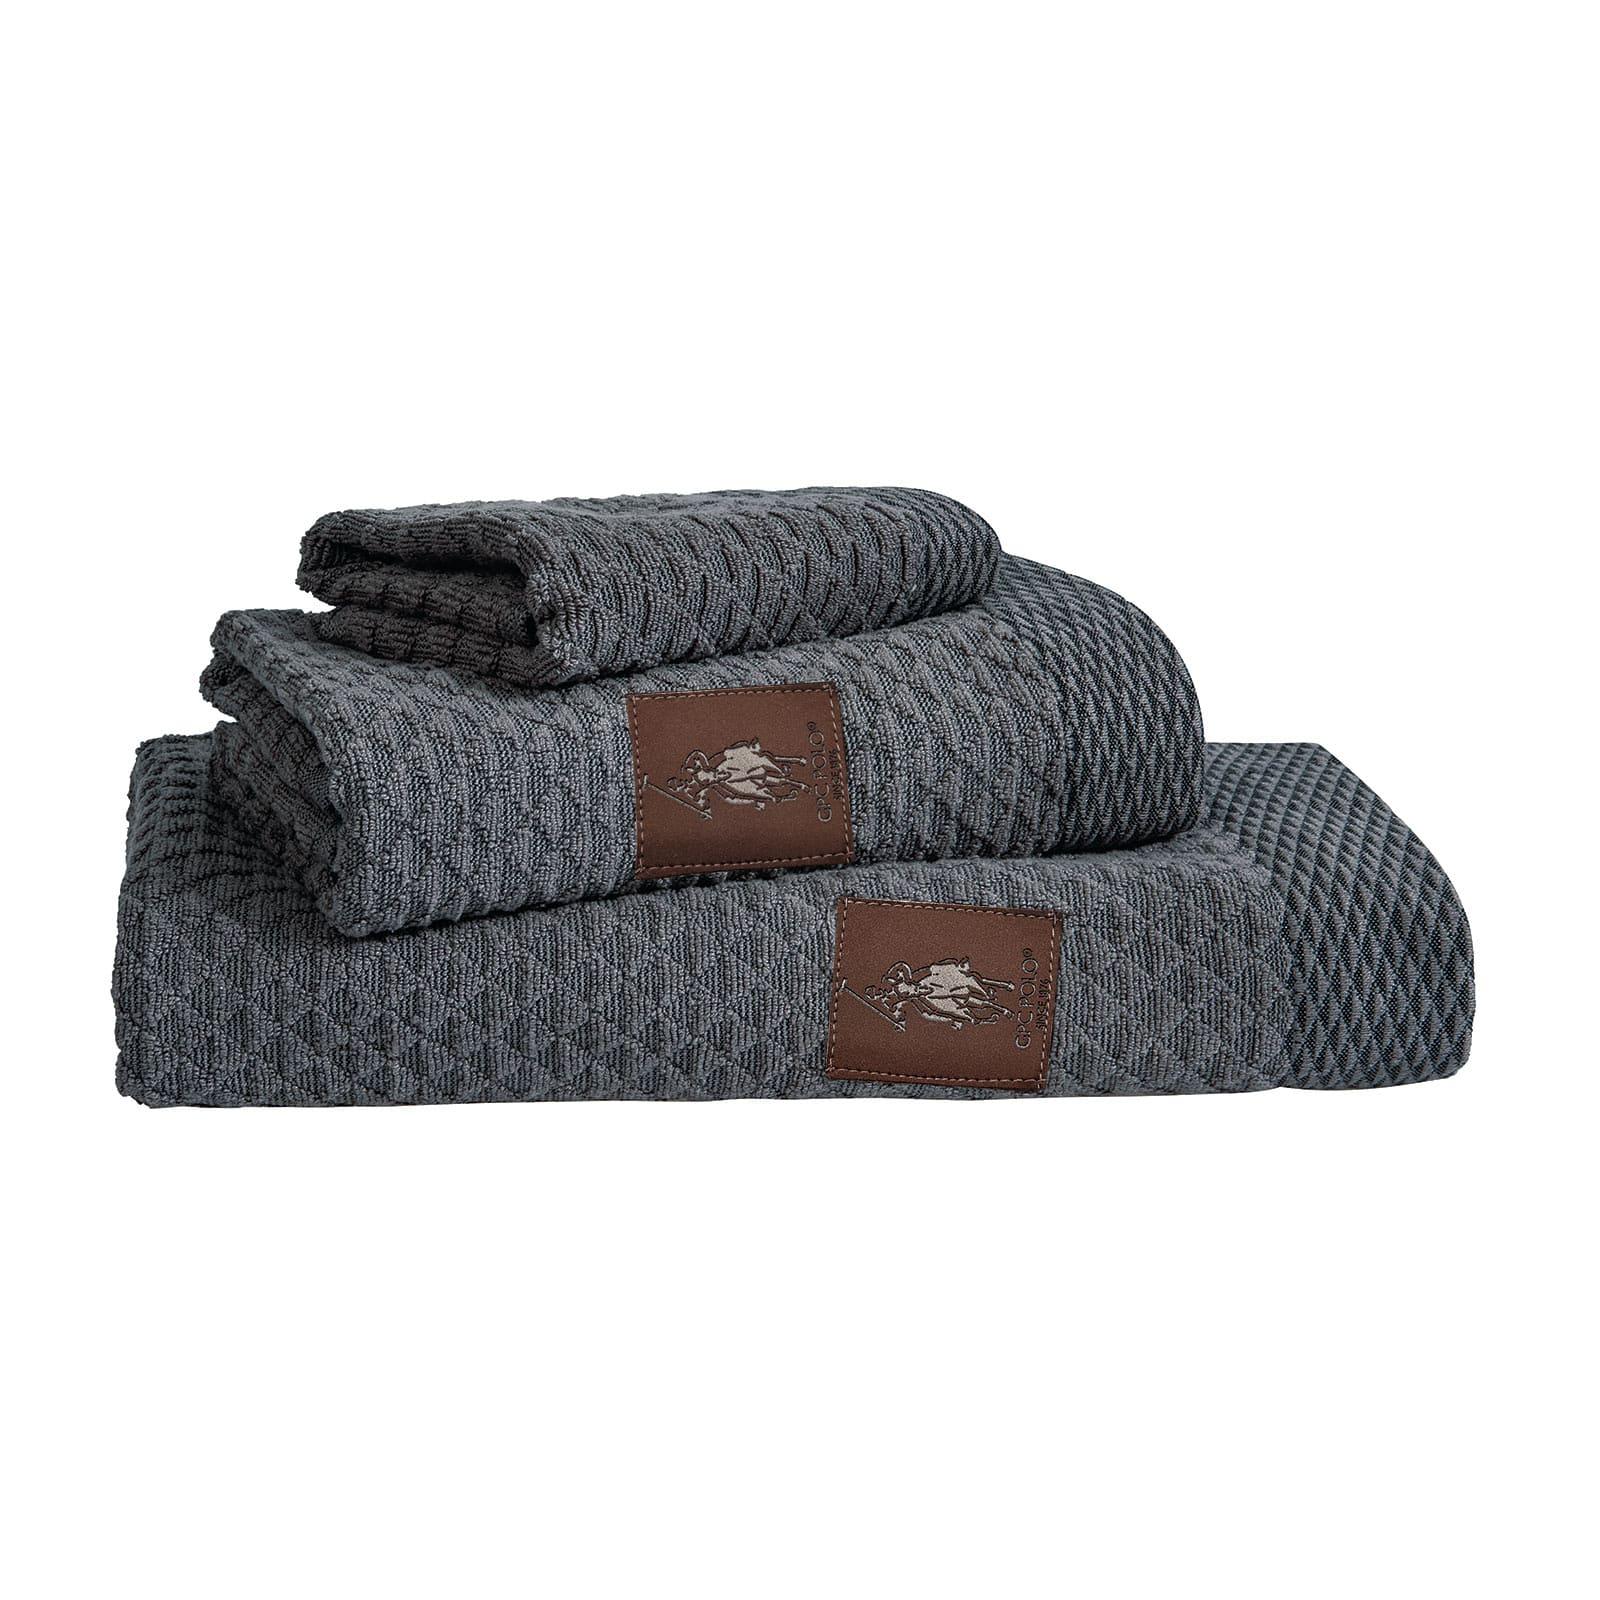 Πετσέτες 2646 Σετ 3τμχ Grey Graphite G.P.C. Σετ Πετσέτες